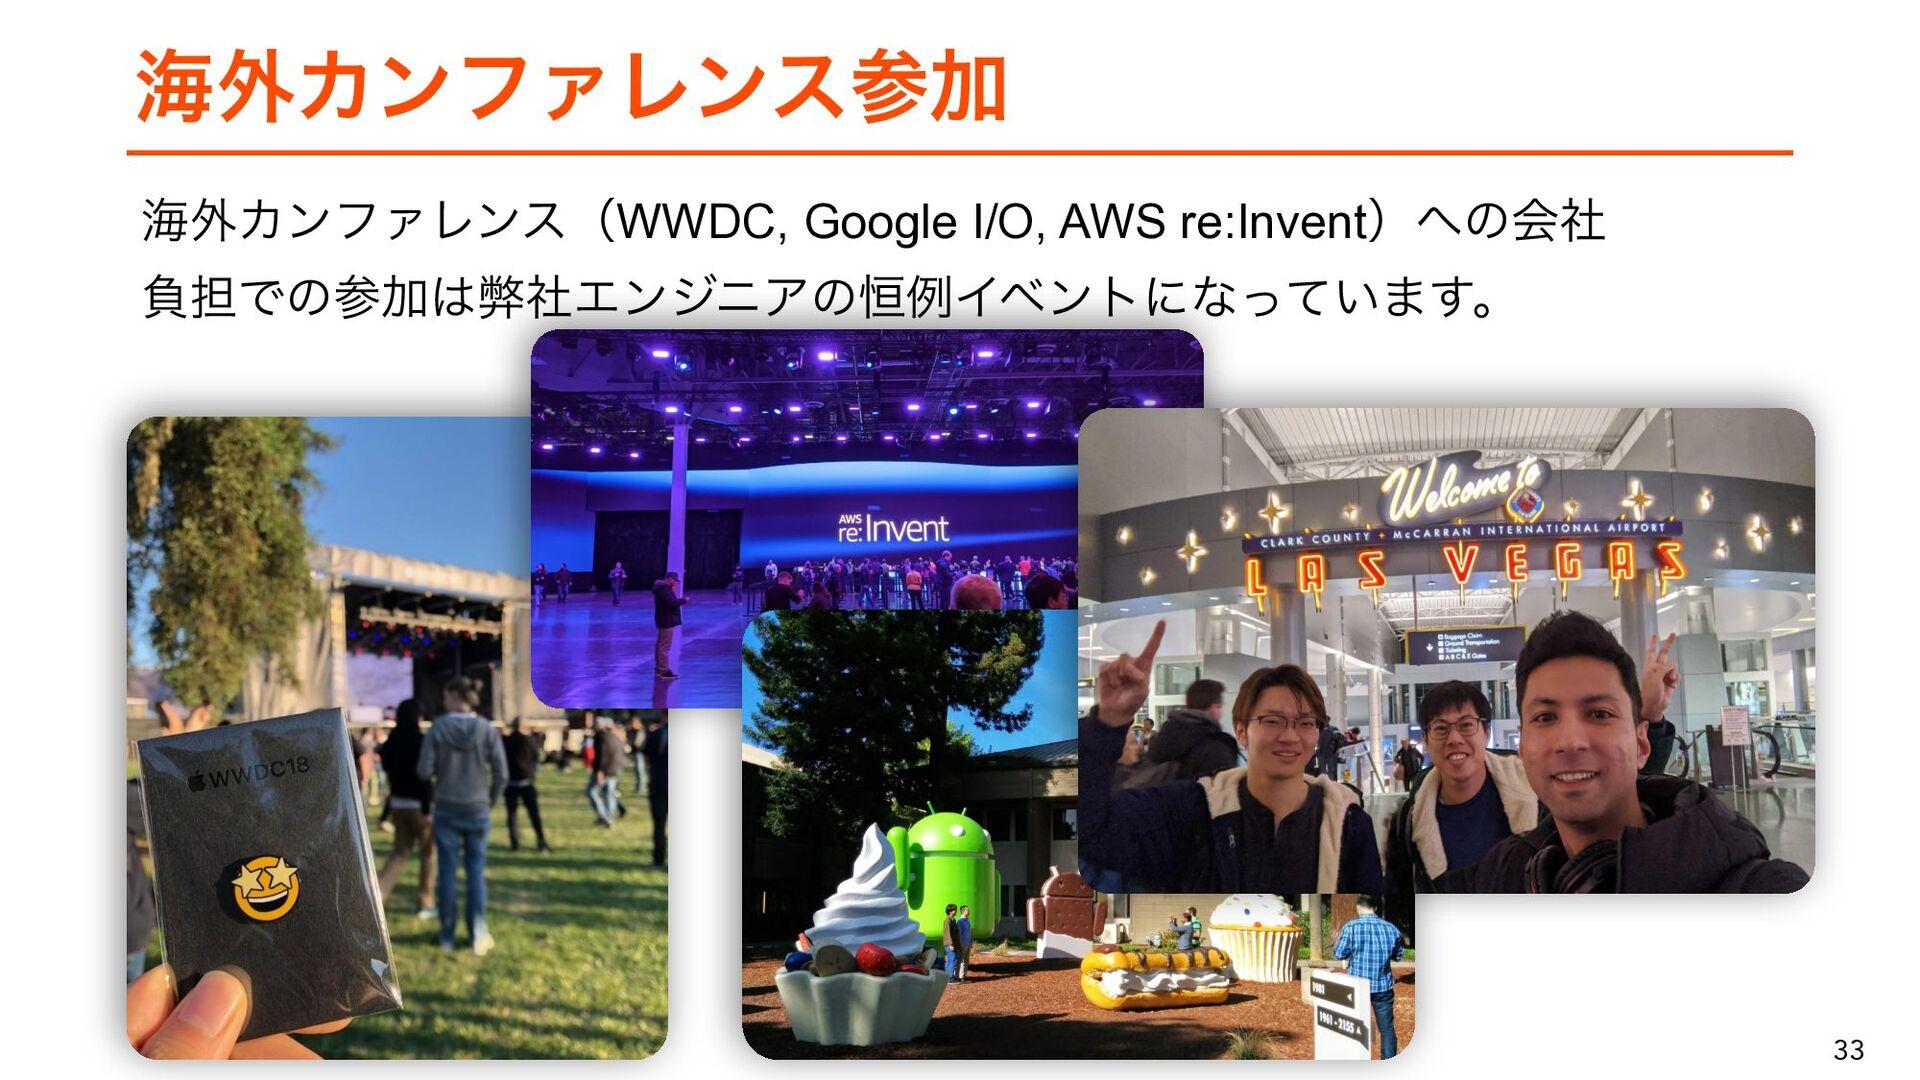 33 33 海外カンファレンス参加 海外カンファレンス(WWDC, Google I/O, A...